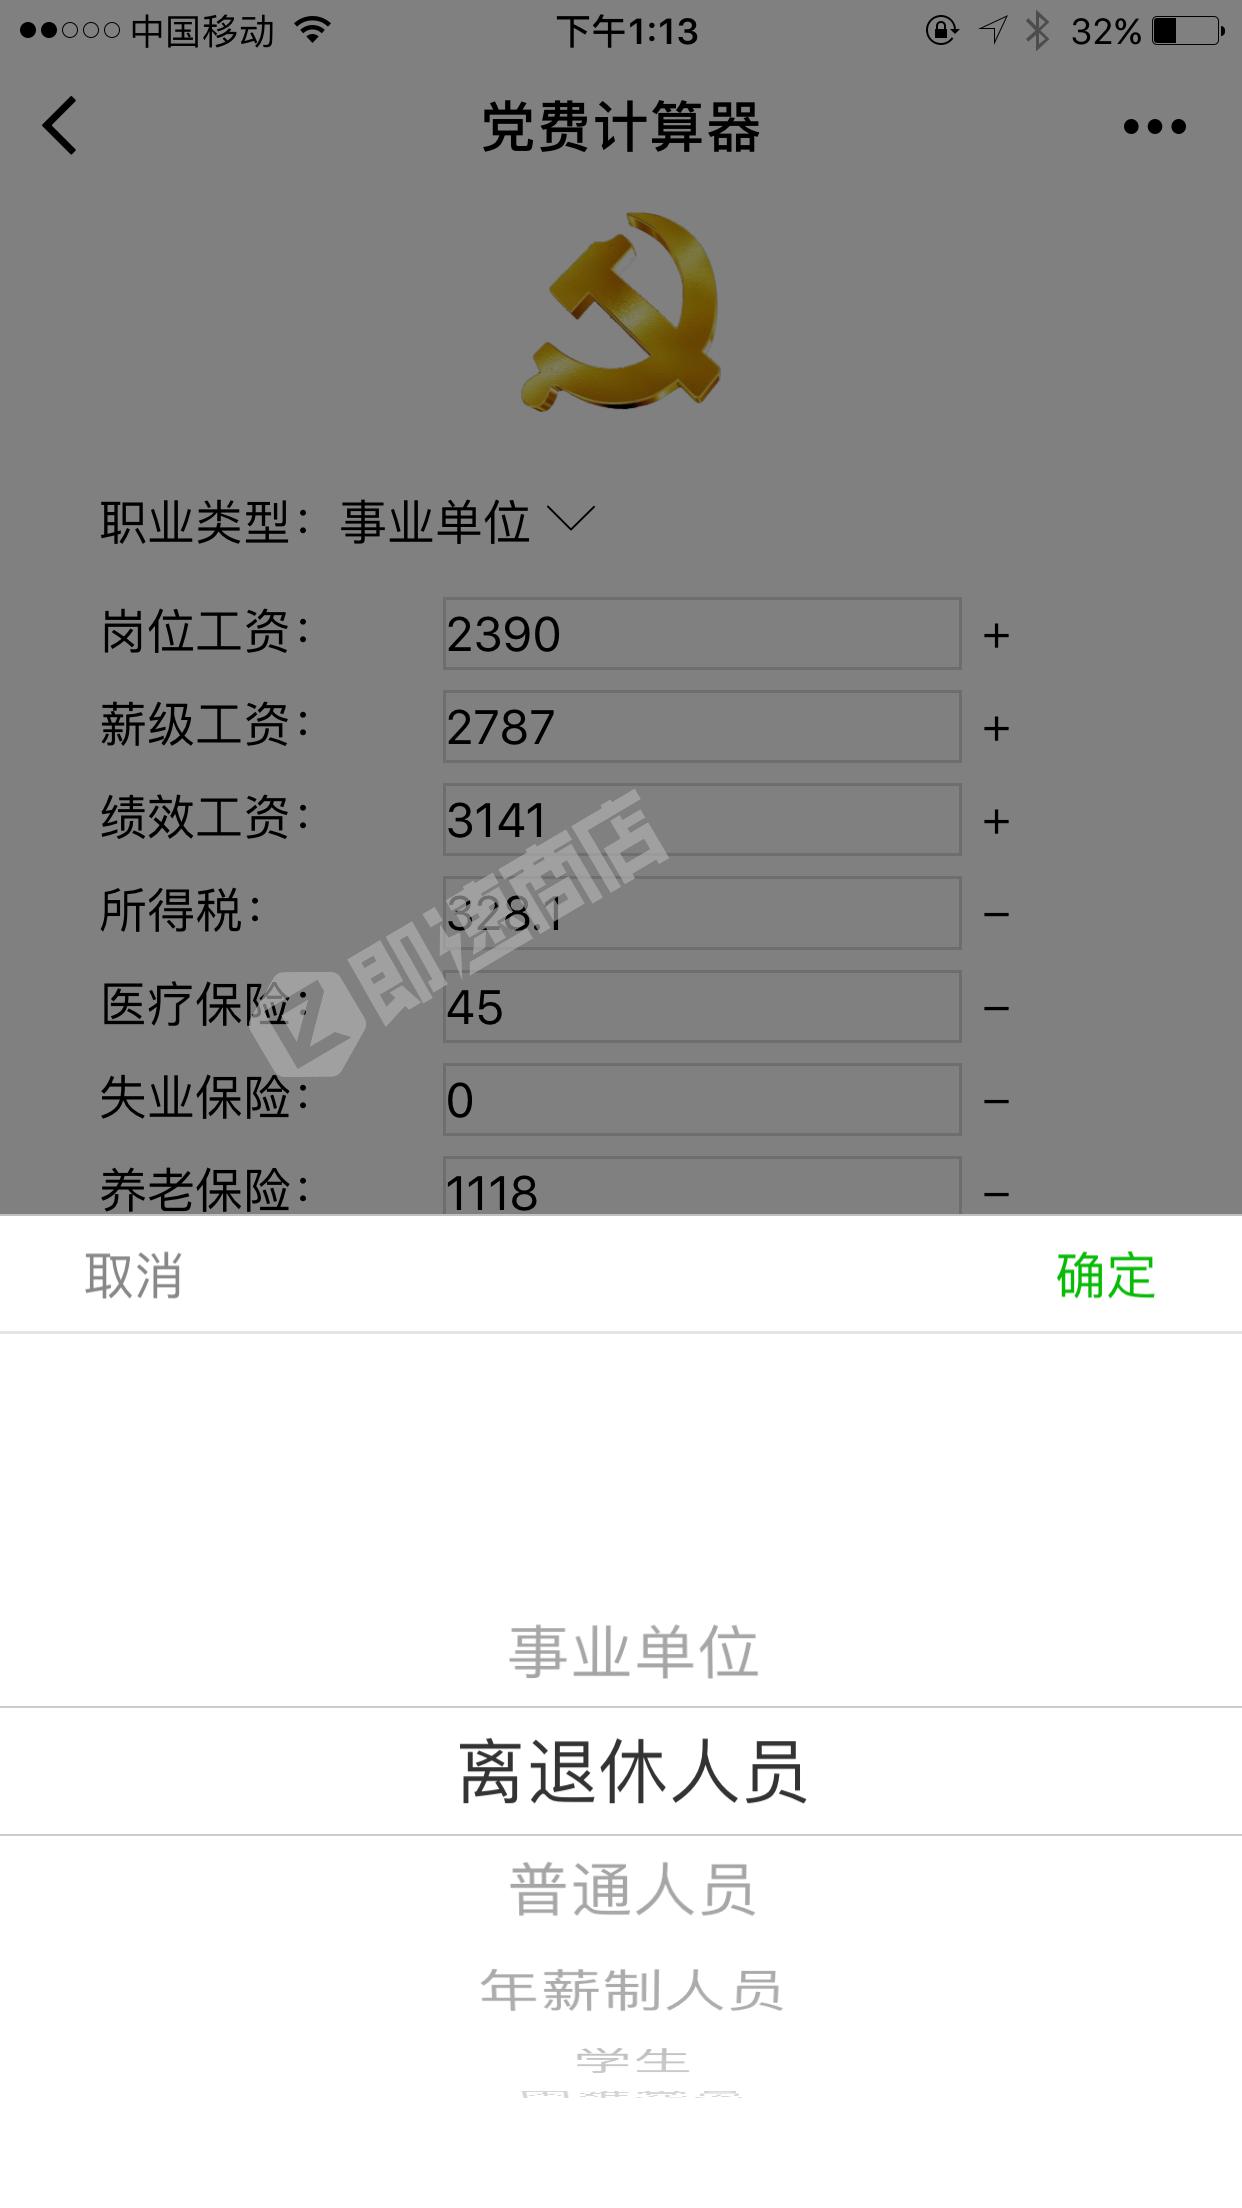 党费小工具小程序列表页截图